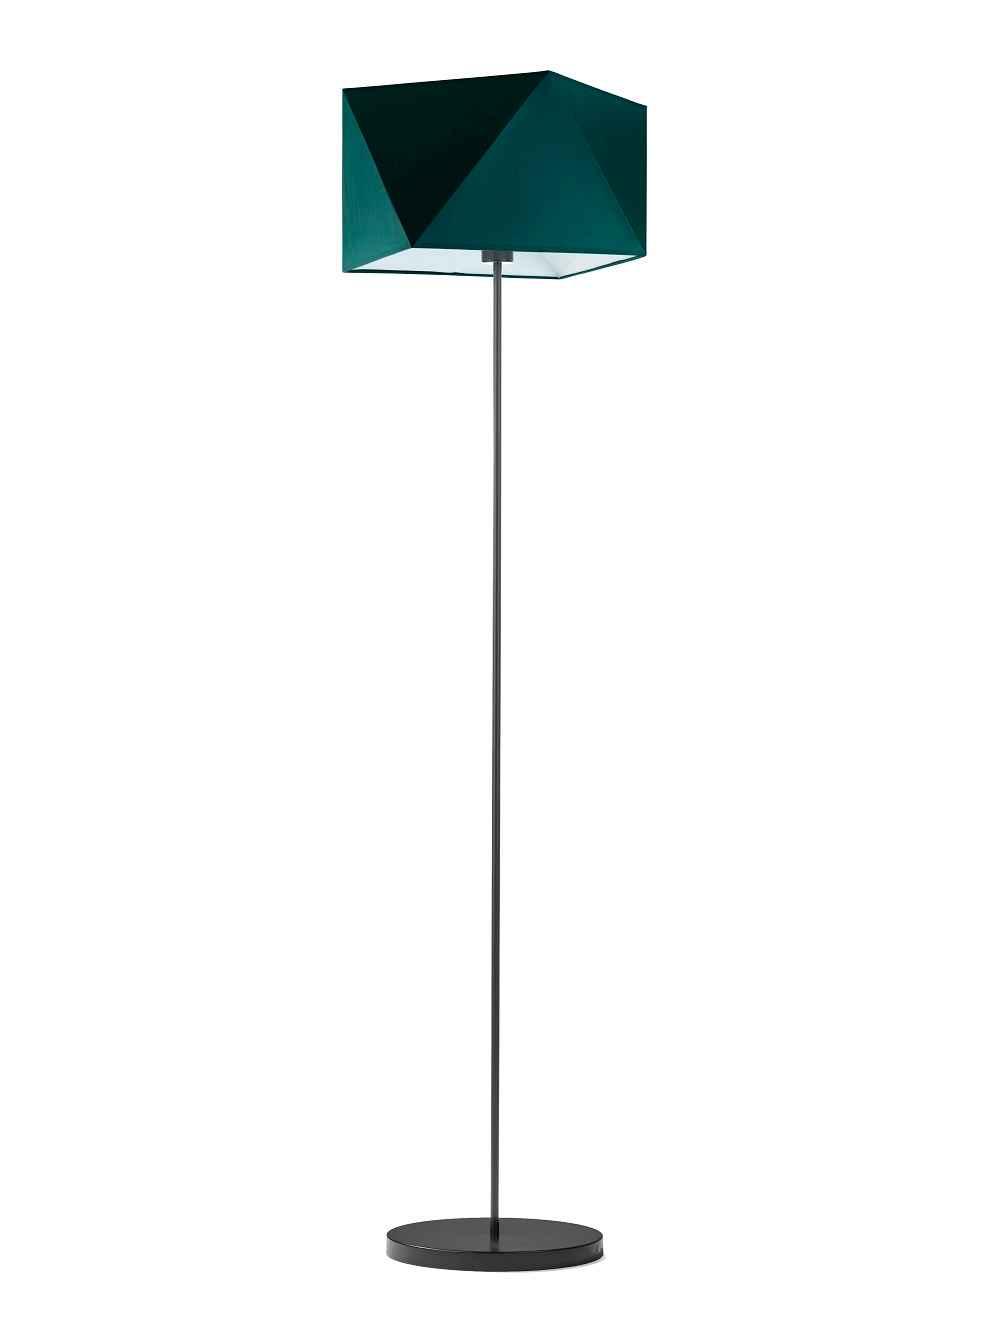 Lampa stojąca abażurowa diament BURNE! Częstochowa - zdjęcie 1